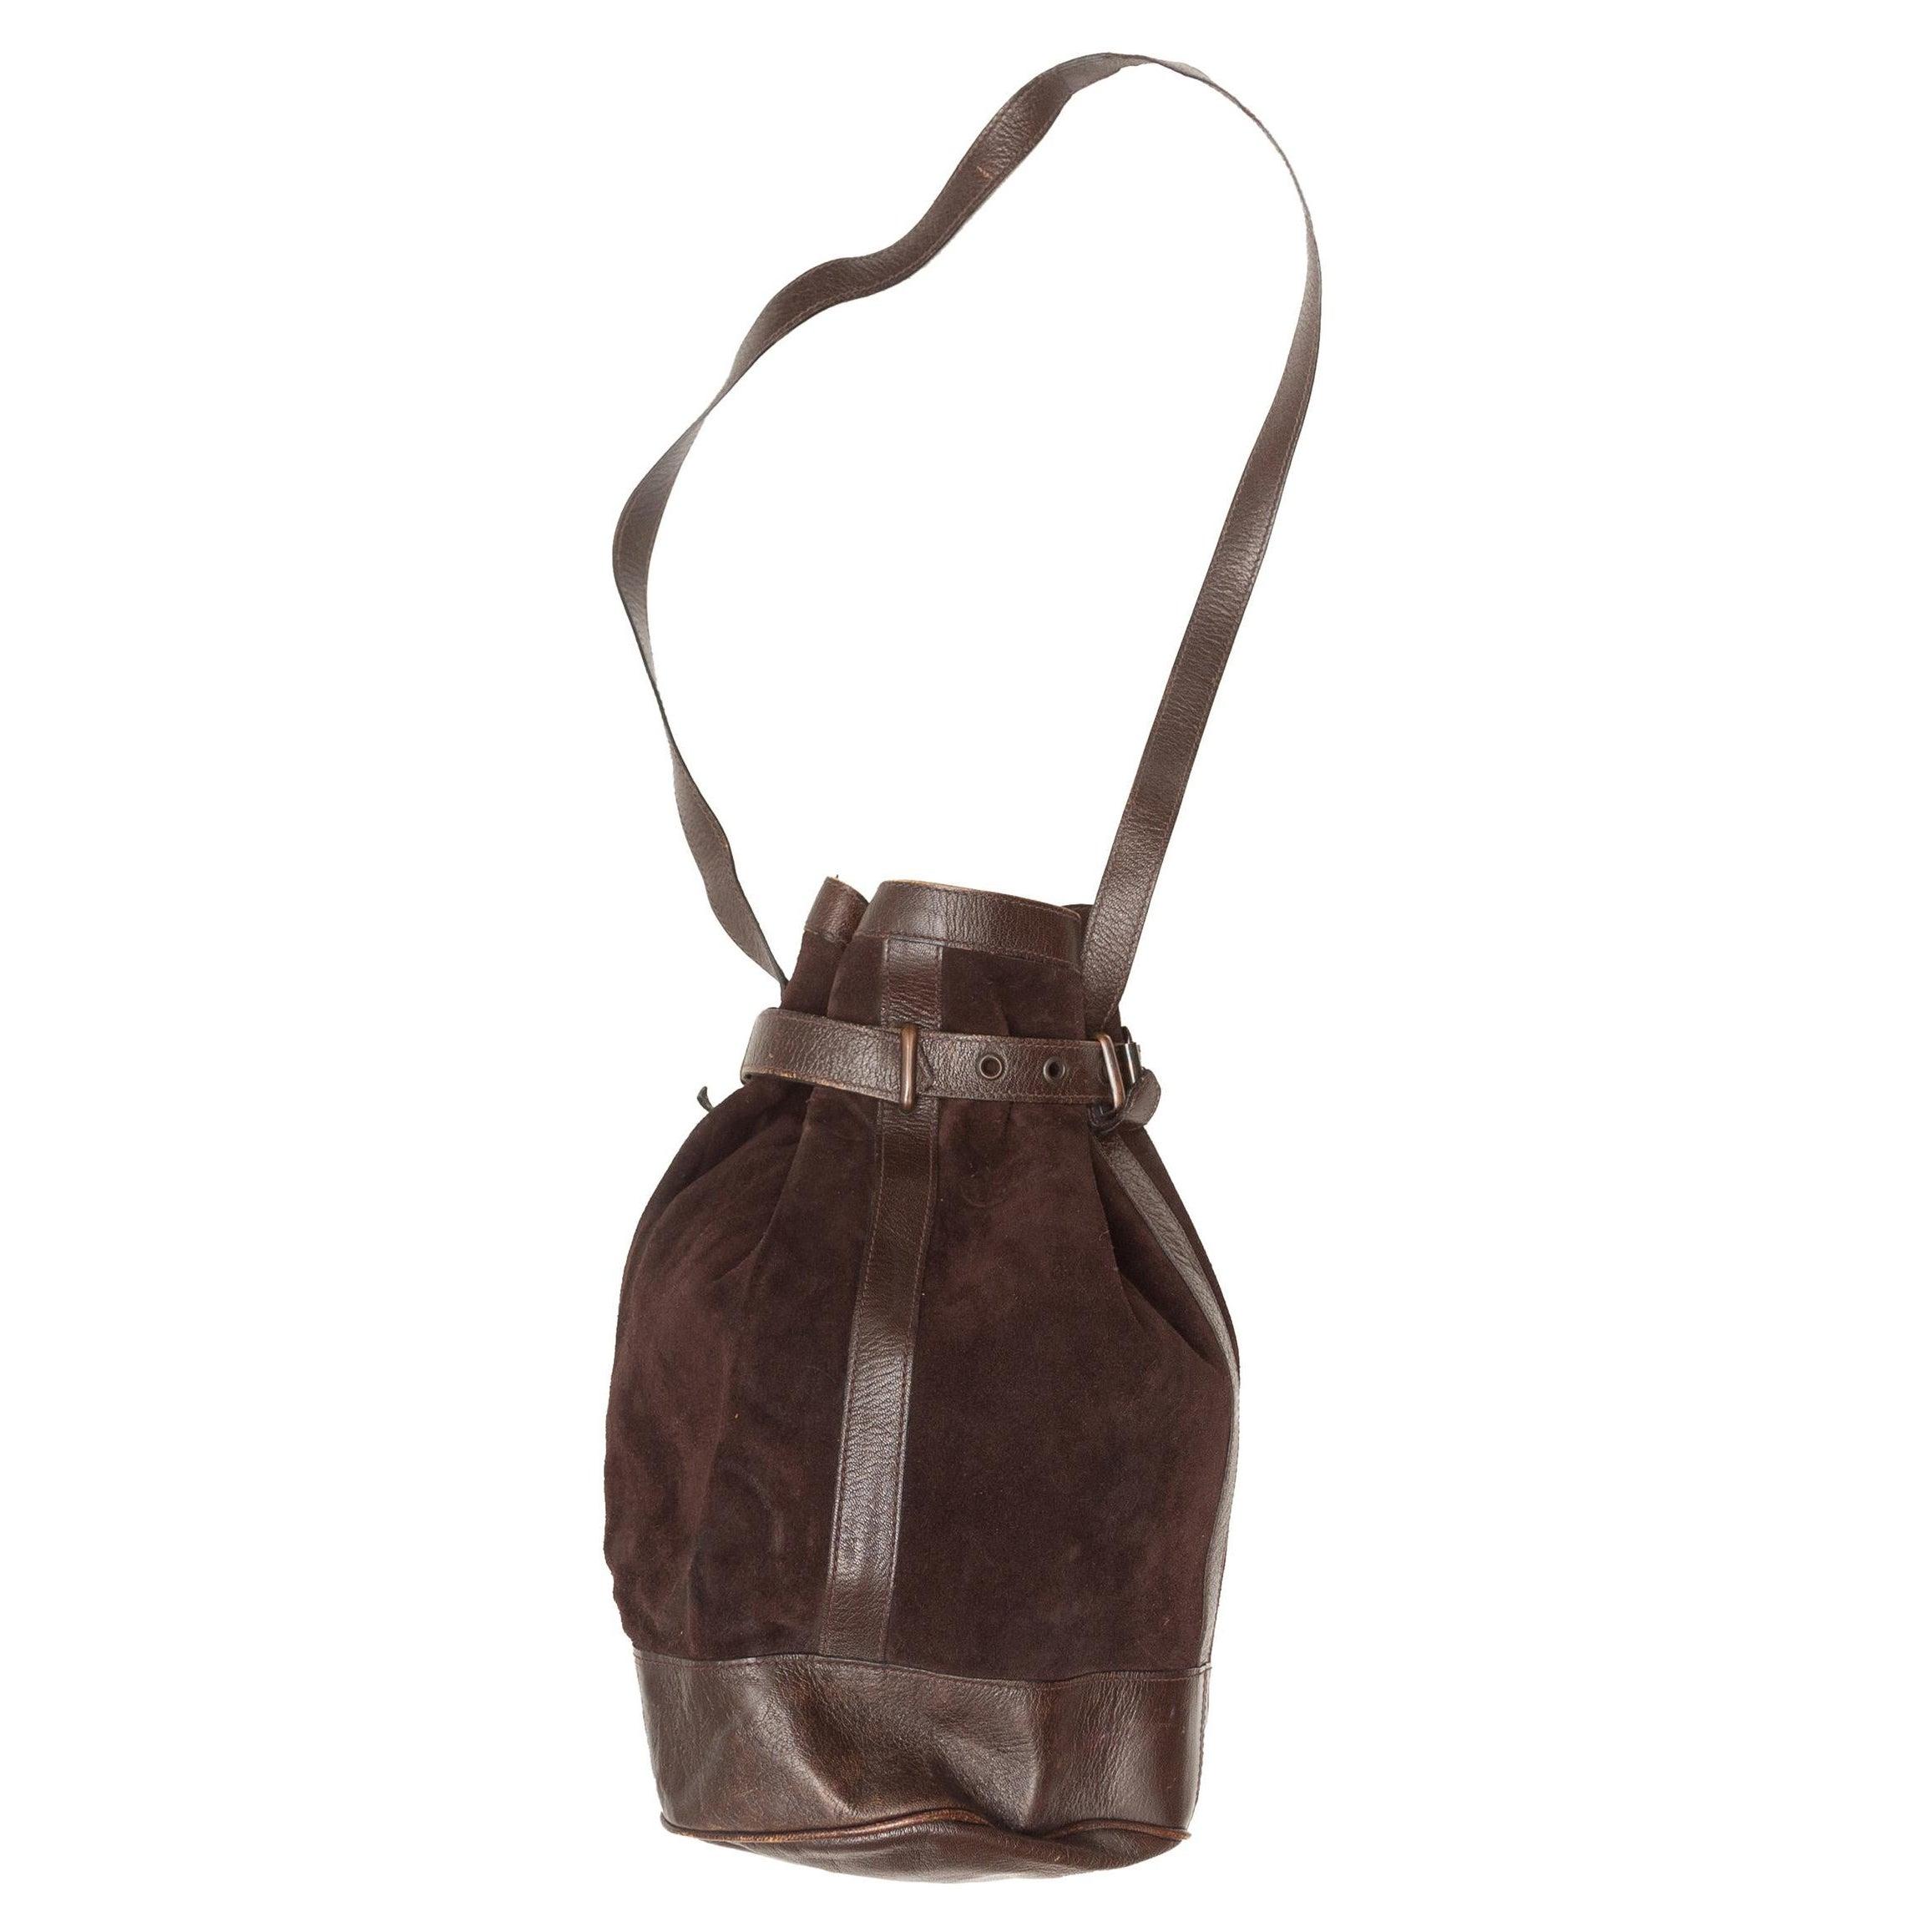 Yves Saint Laurent Brown Suede Bucket Bag